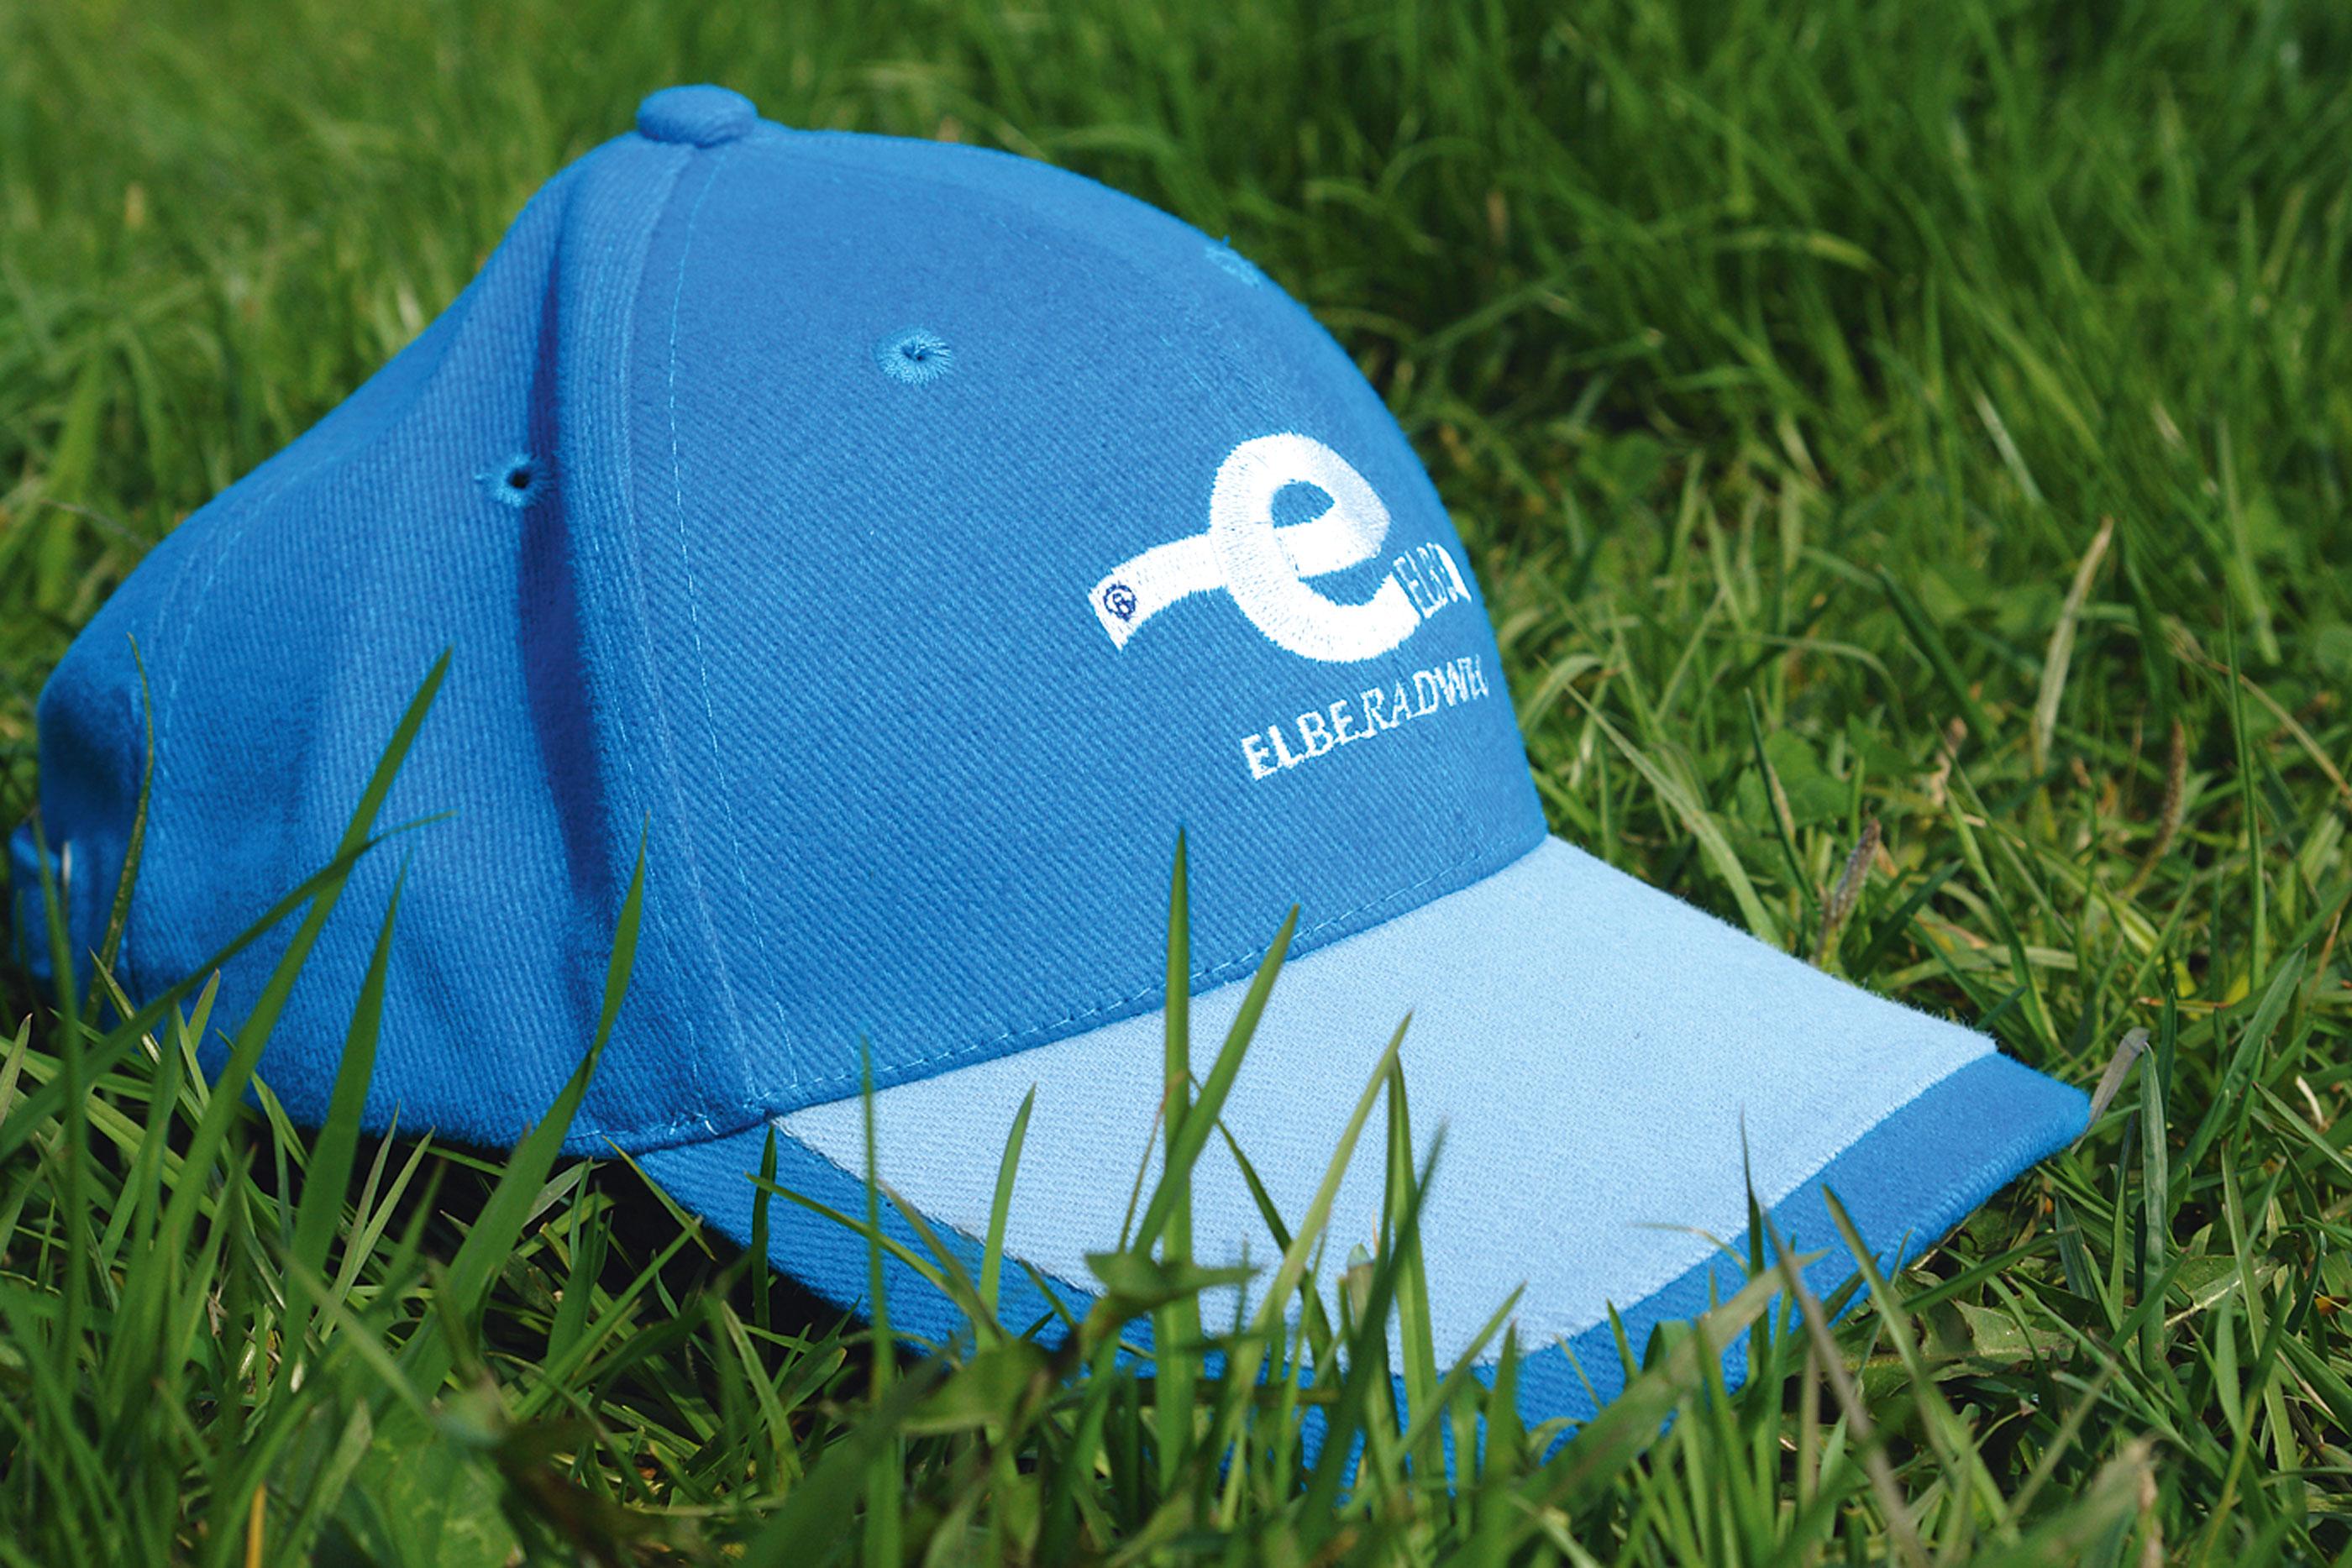 Basecap Elberadweg